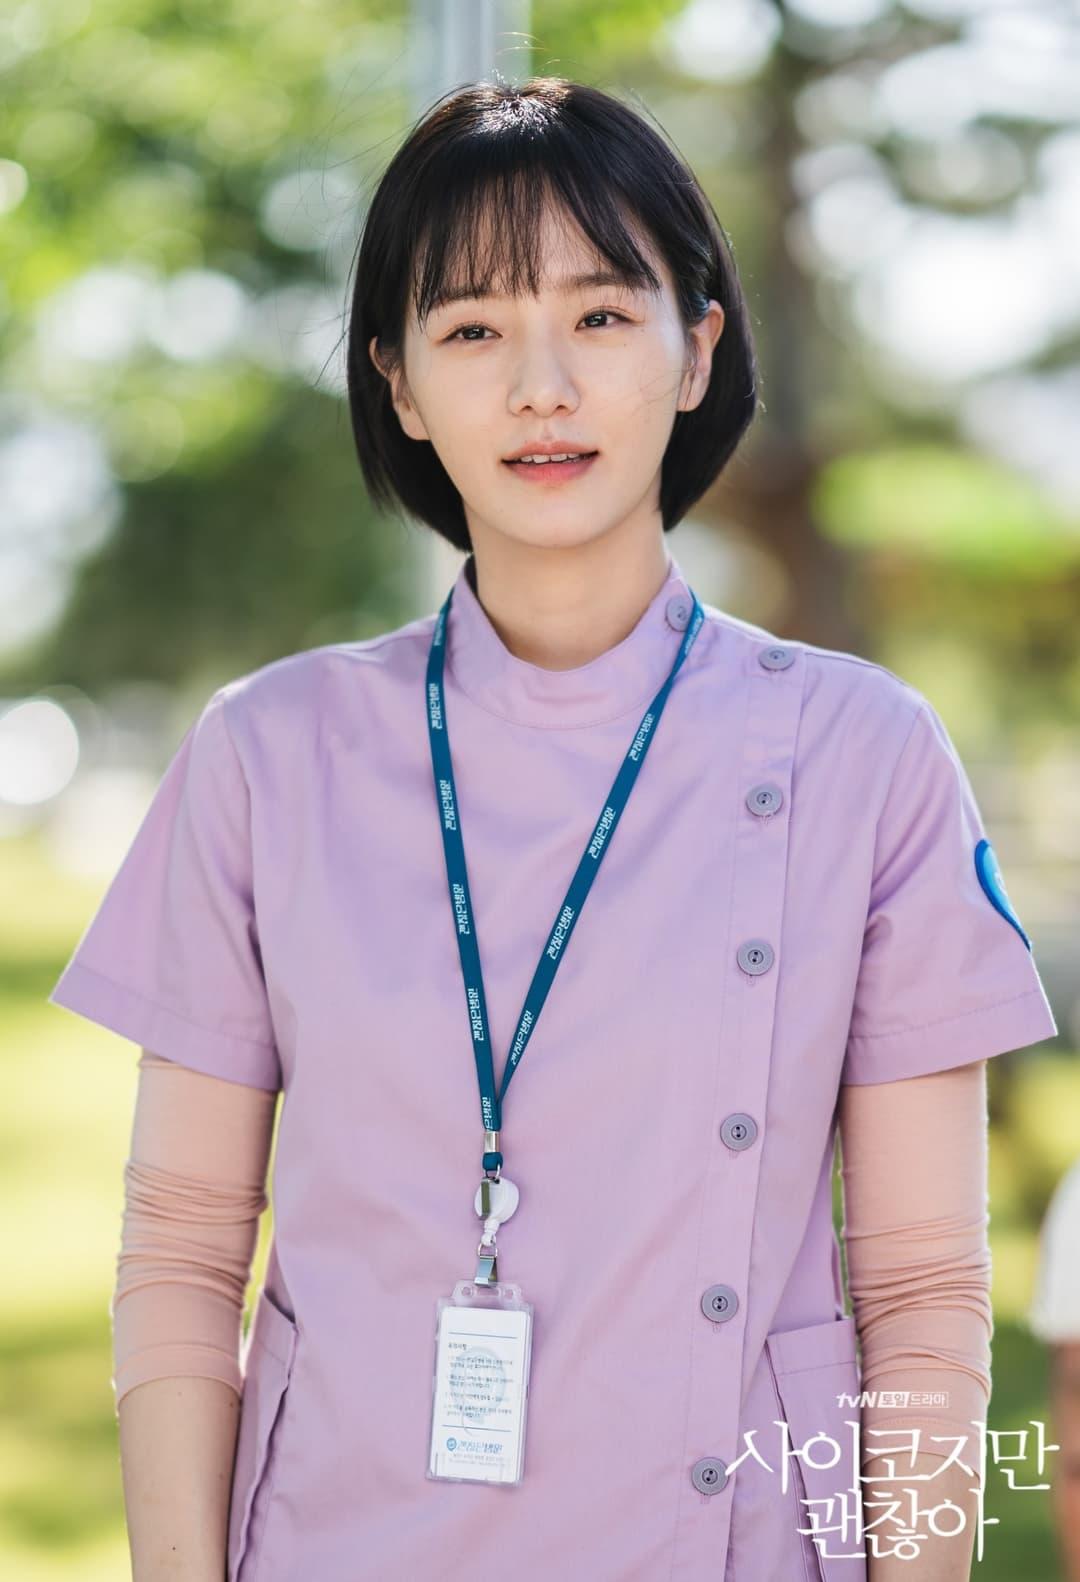 พัคกยูยอง แสดงเป็น นัมจูริ (เพื่อนร่วมงาน มุนคังแท)